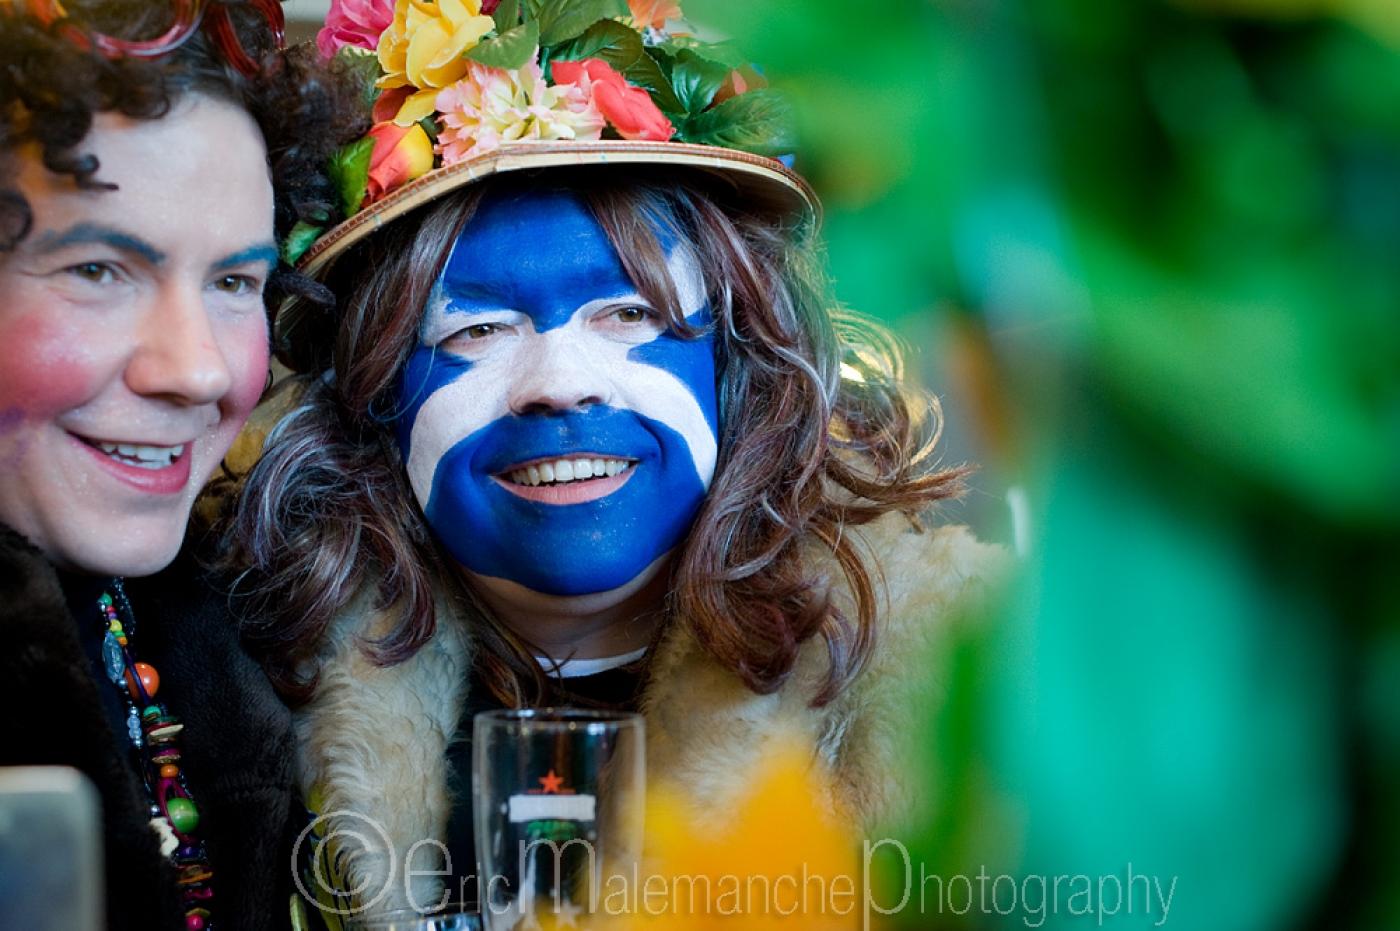 http://www.ericmalemanche.com/imagess/topics/carnaval-de-dunkerque/liste/Carnaval-Dunkerque-1278.jpg